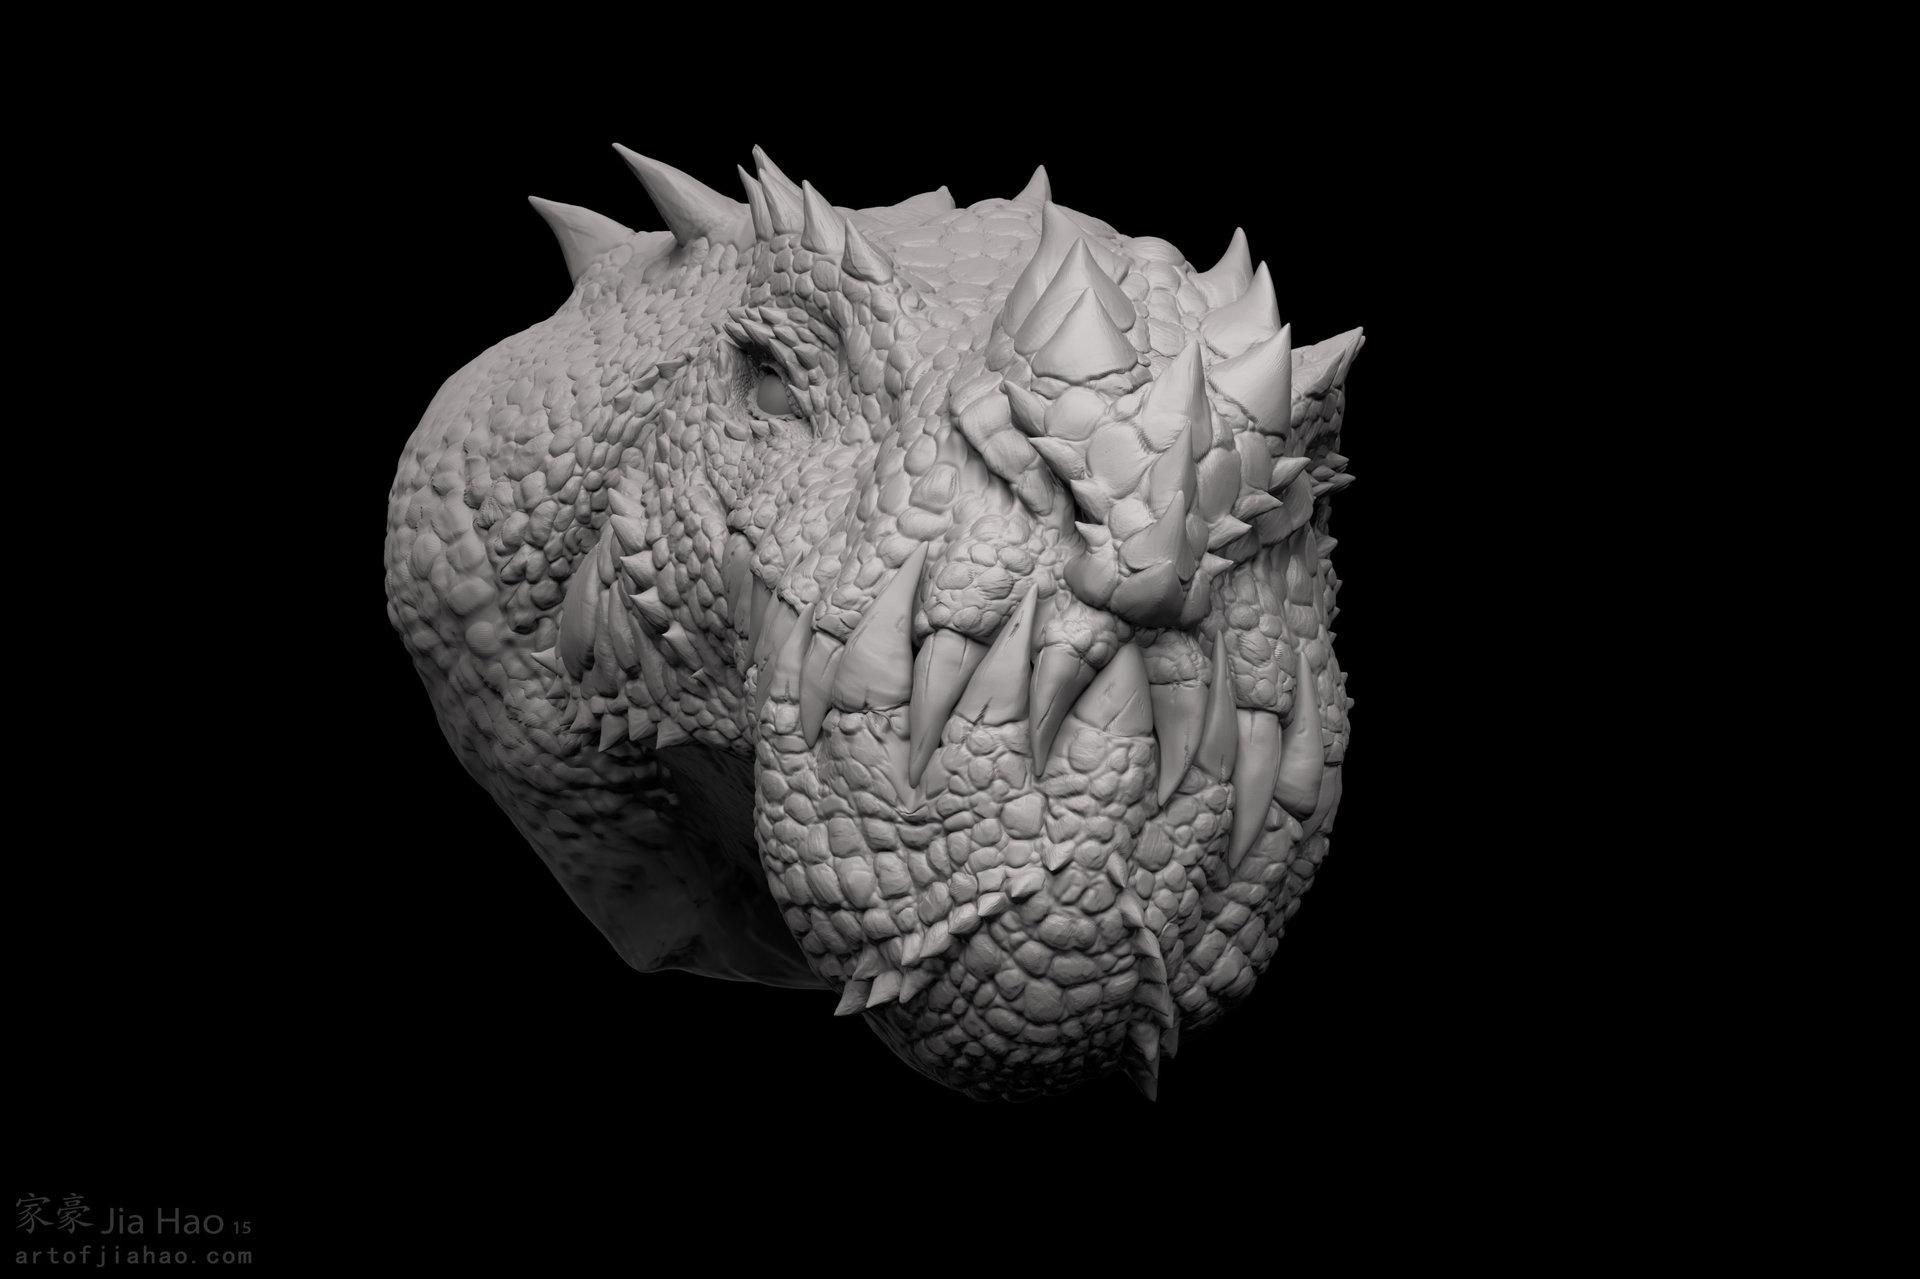 Jia hao 2015 09 cryosaurus sculpt 03